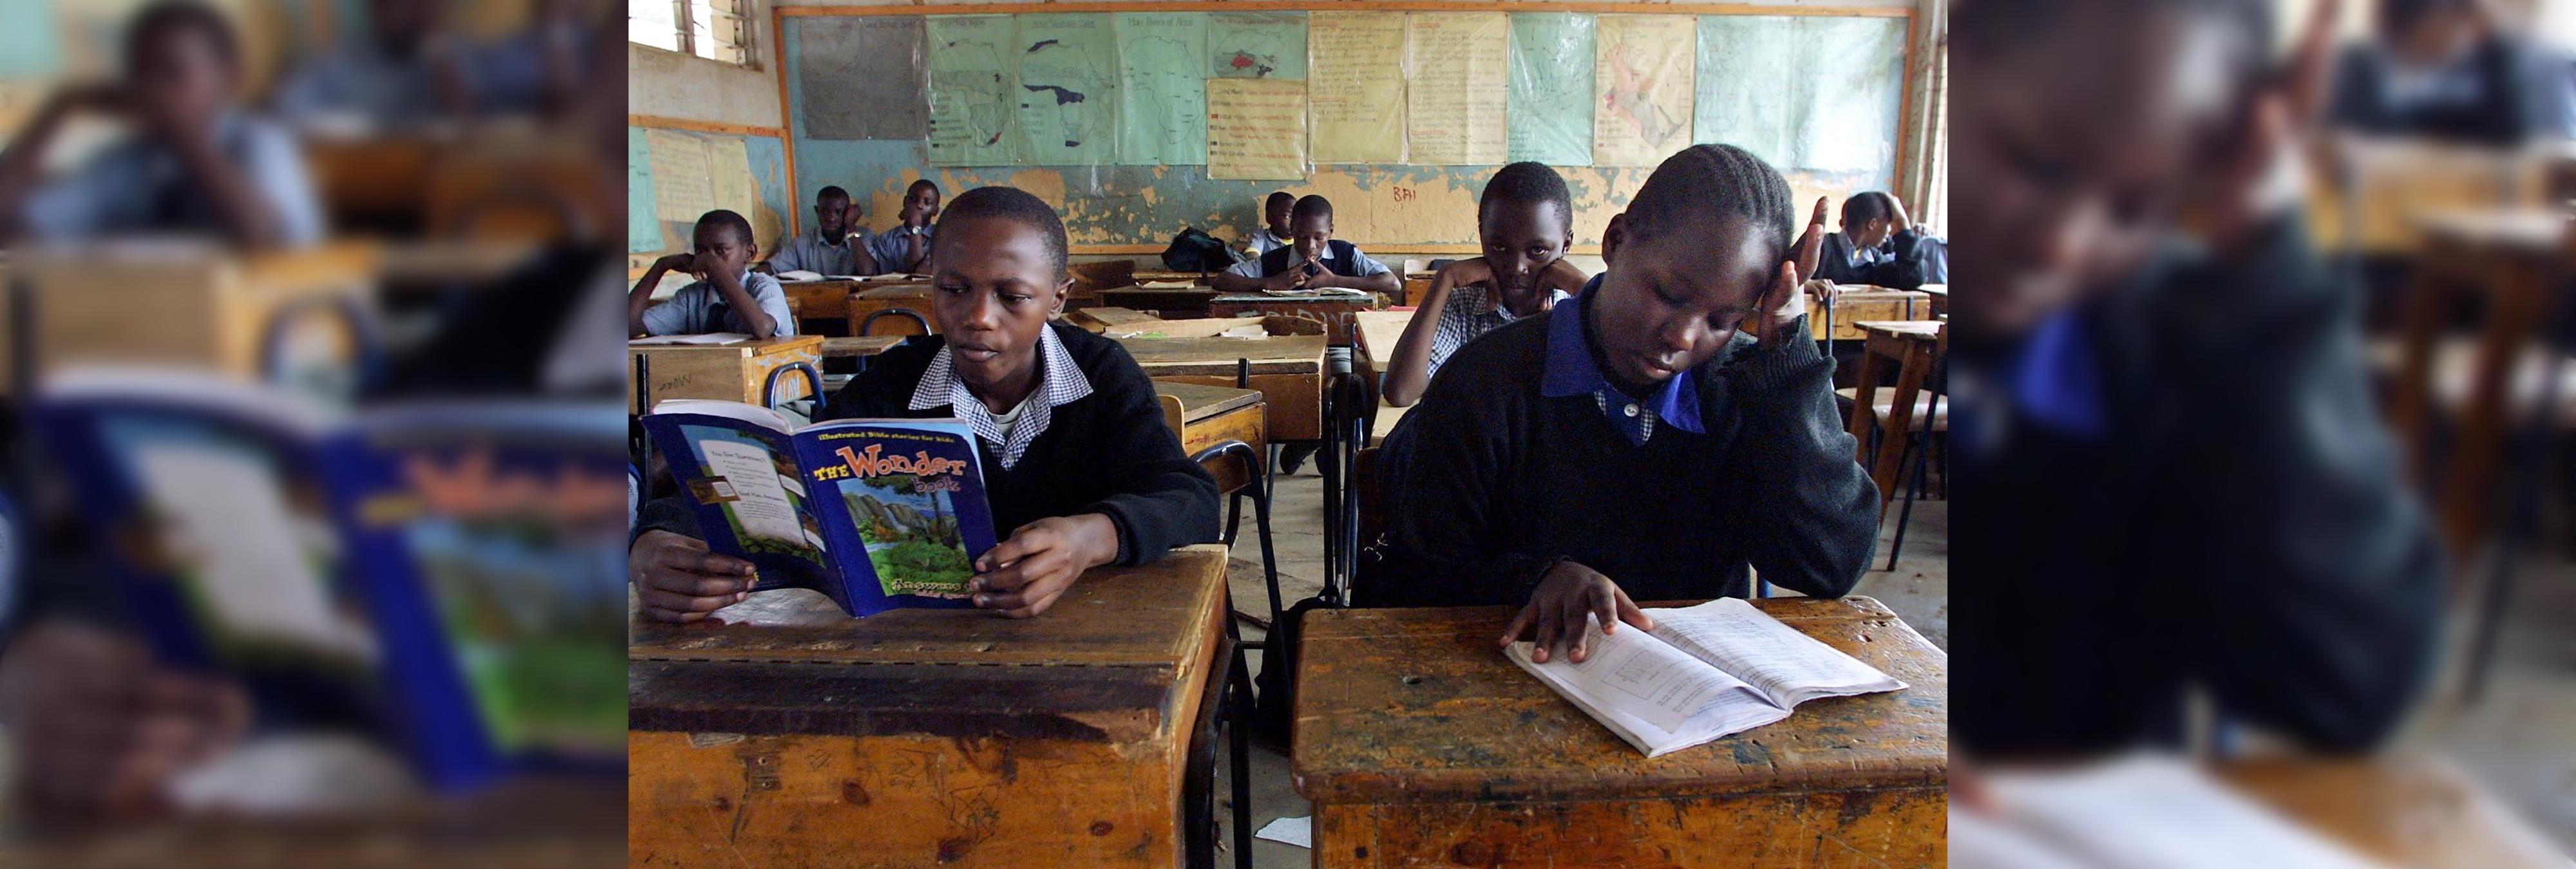 Una niña muere a causa de una paliza propinada por su profesor y sus compañeros por no saber leer